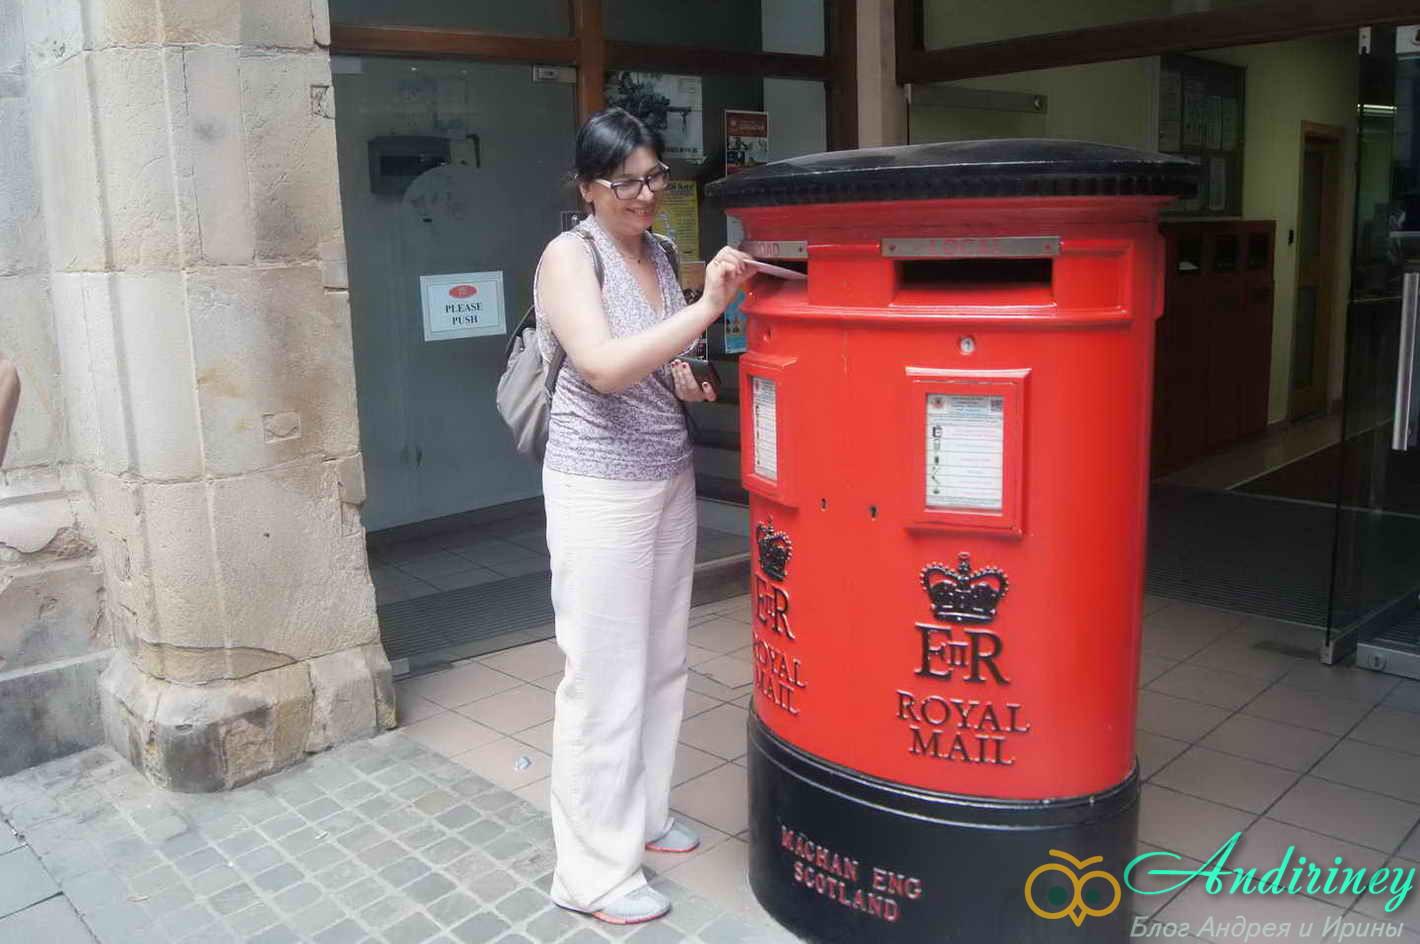 Достопримечательности Гибралтара. Красные почтовые ящики